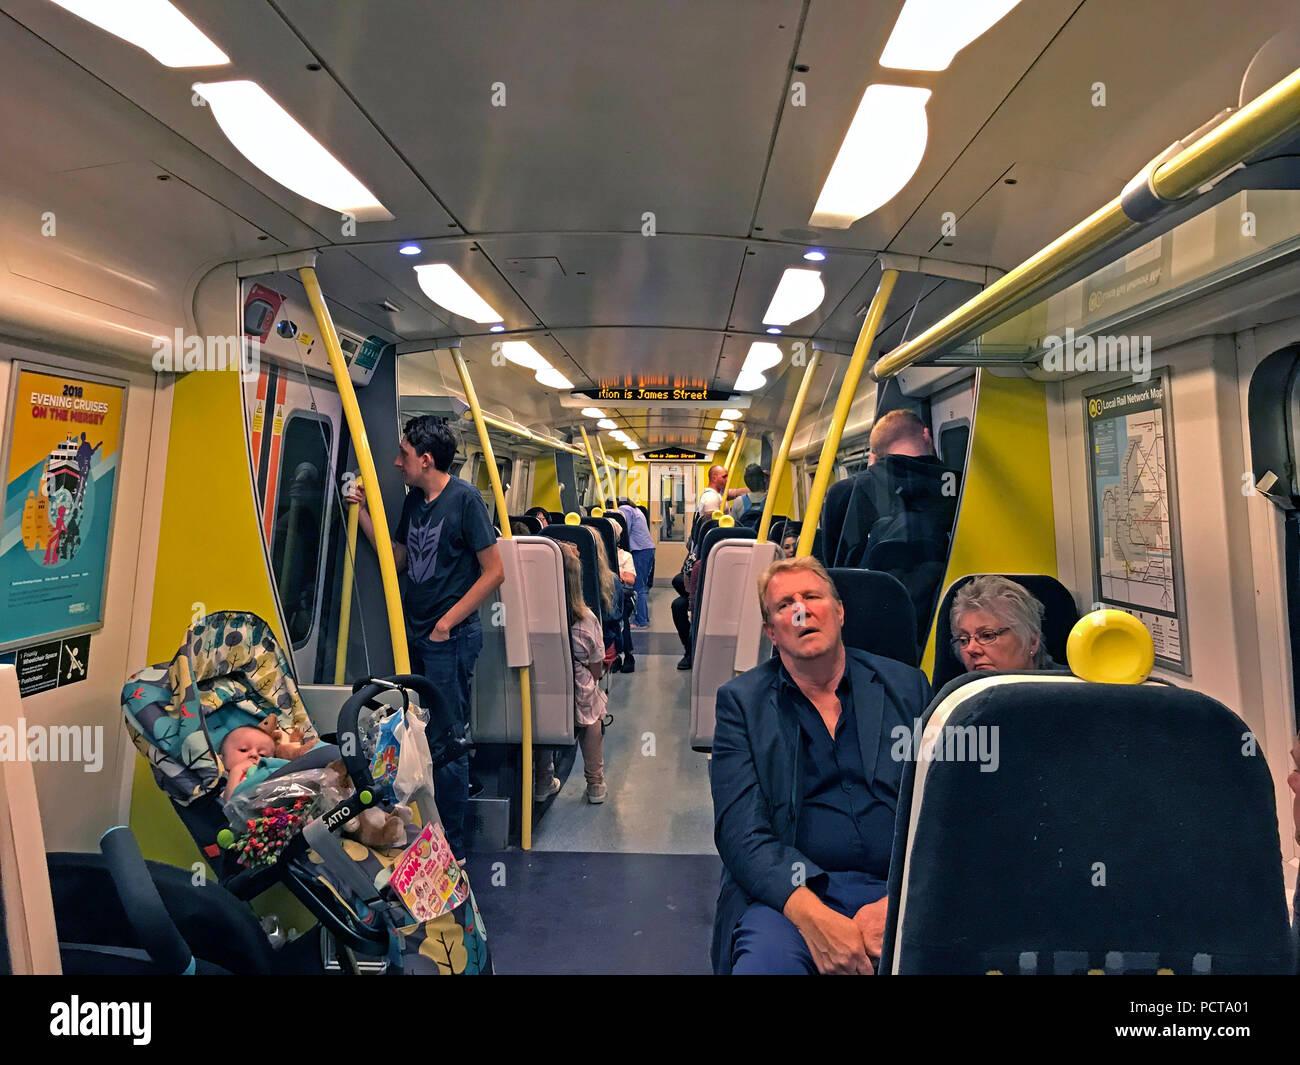 Laden Sie dieses Alamy Stockfoto Innenraum eines Merseyrail Wirral Linie Zug, Liverpool, Merseyside, Region North West England, Großbritannien - PCTA01